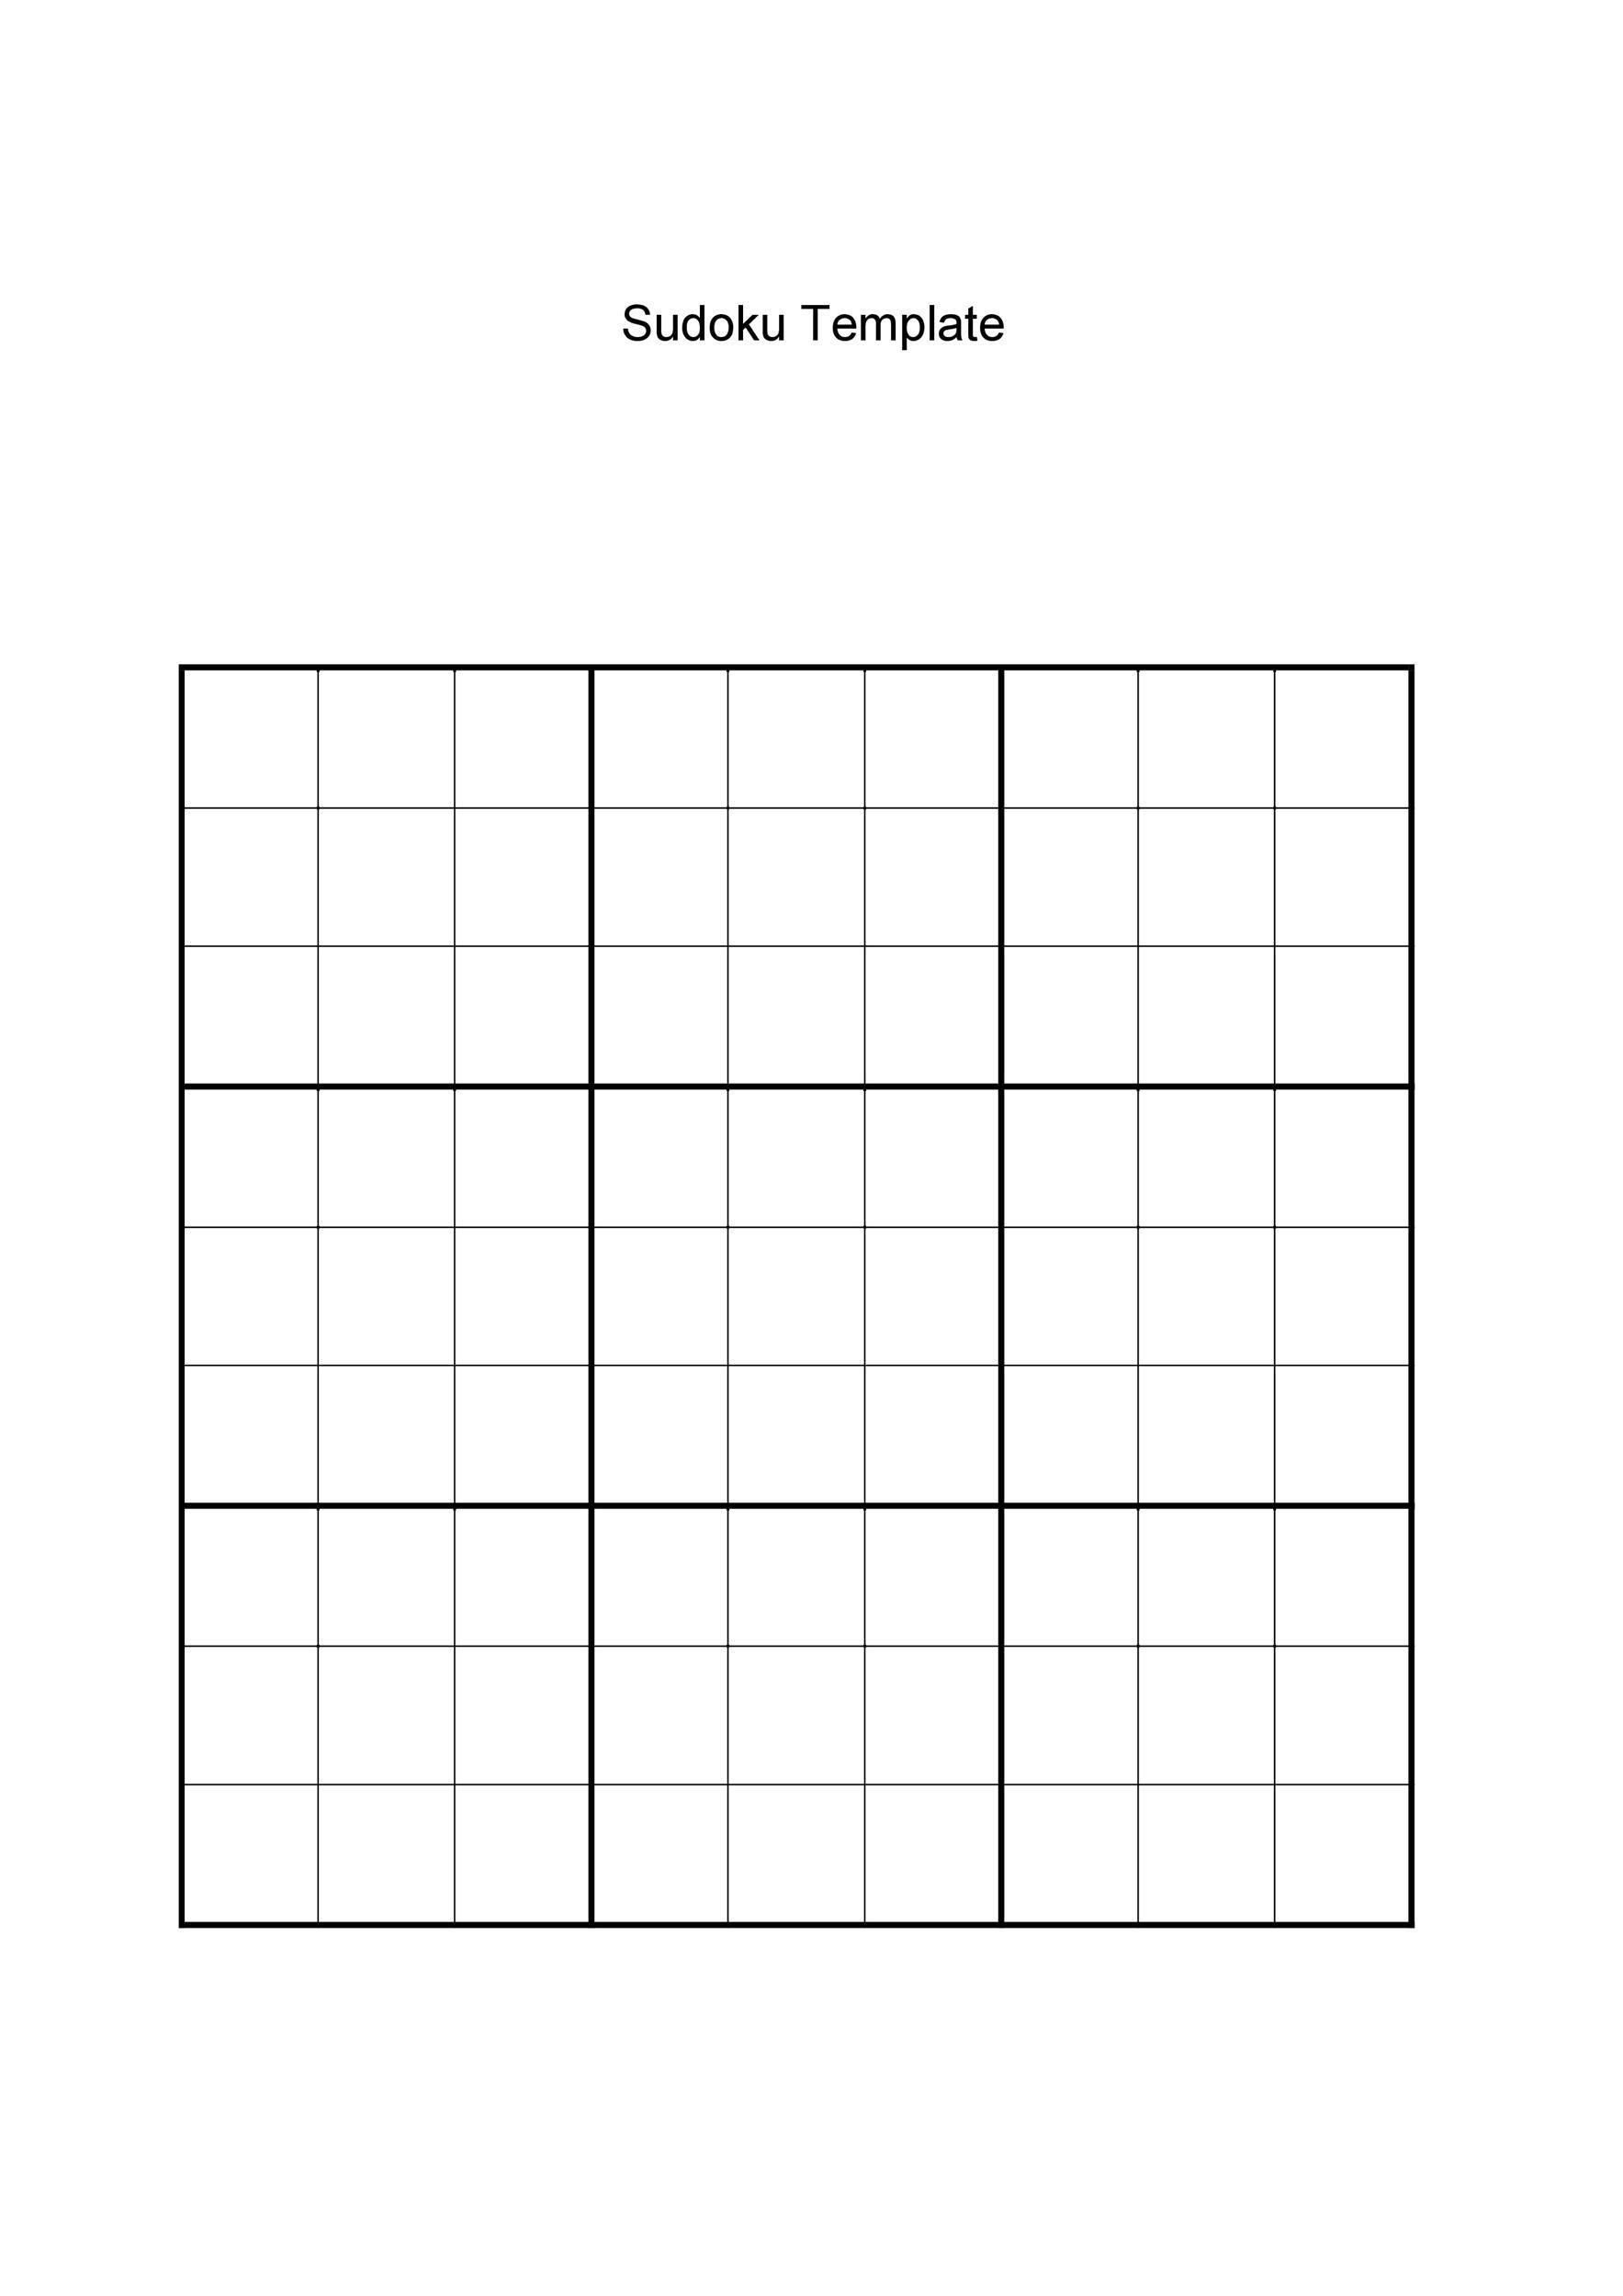 Top Sudoku Printable Grids